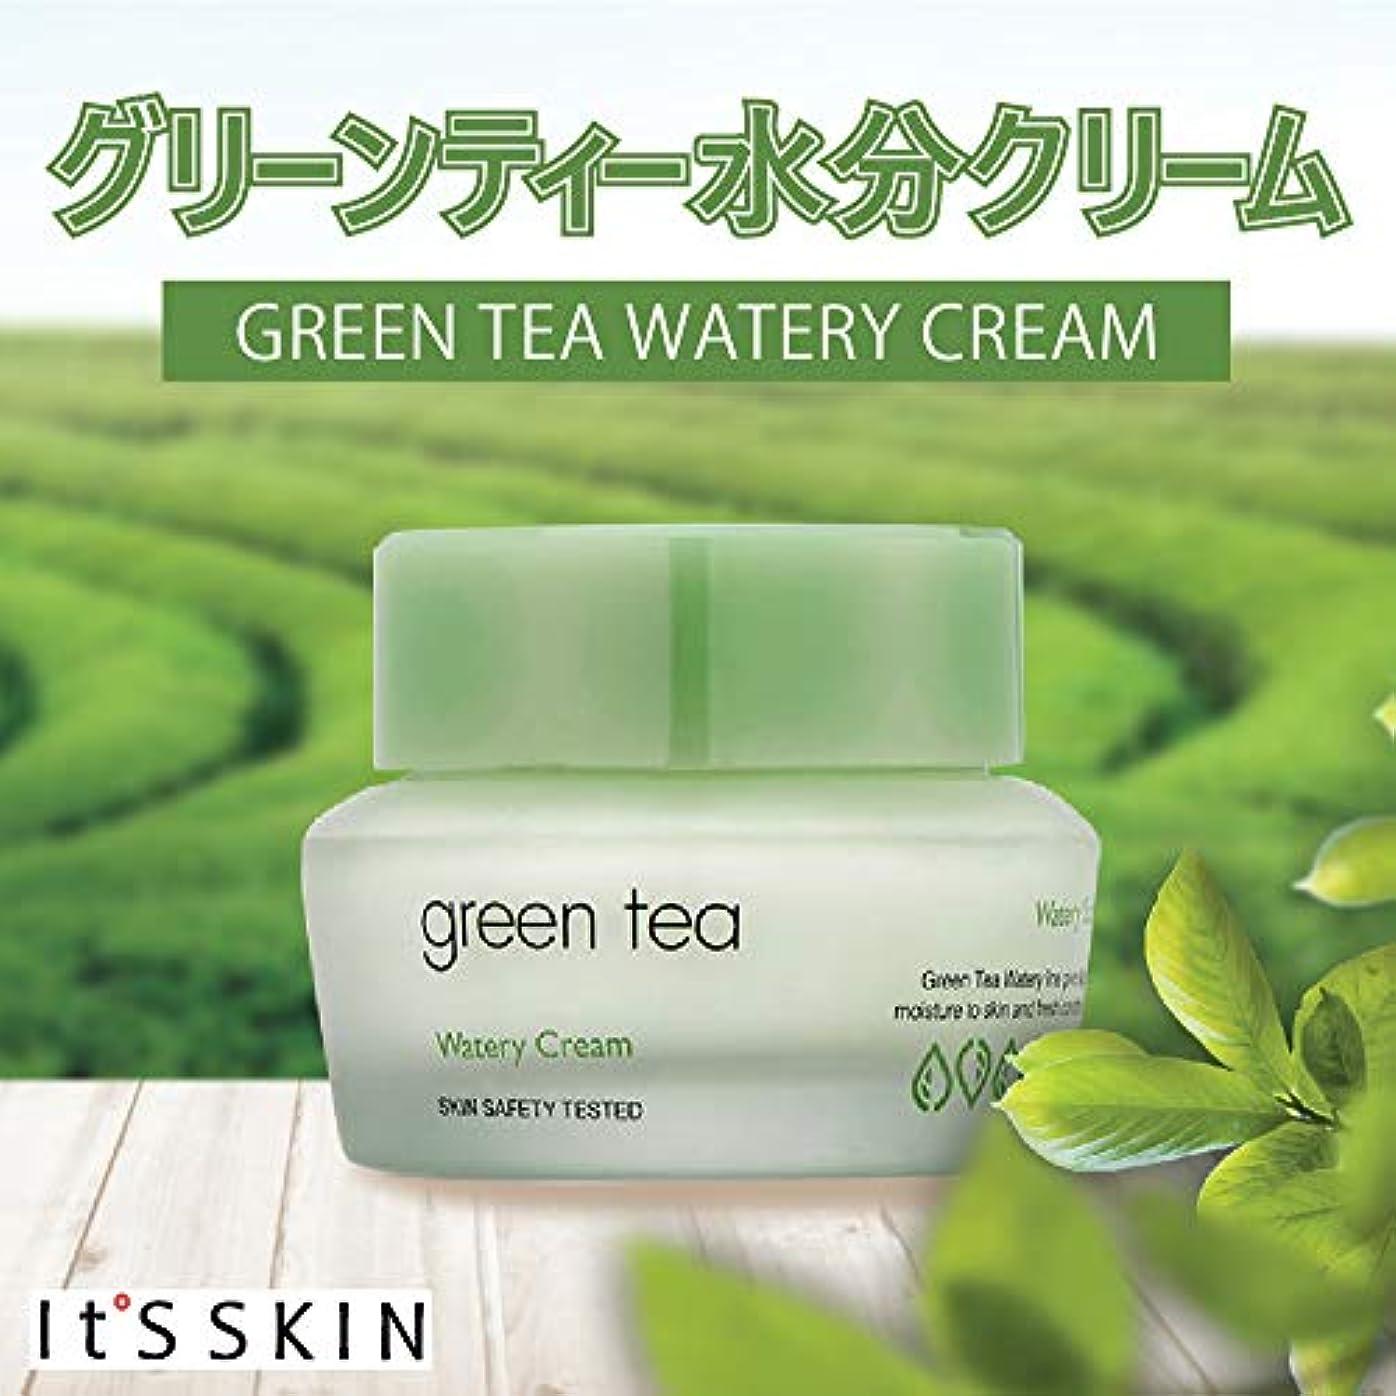 深さ上にマイクロフォンIt's SKIN イッツスキン グリーン ティー ウォーターリー クリーム Green Tea Watery Cream 50g 【 水分 クリーム しっとり 保湿 キメ 韓国コスメ 】